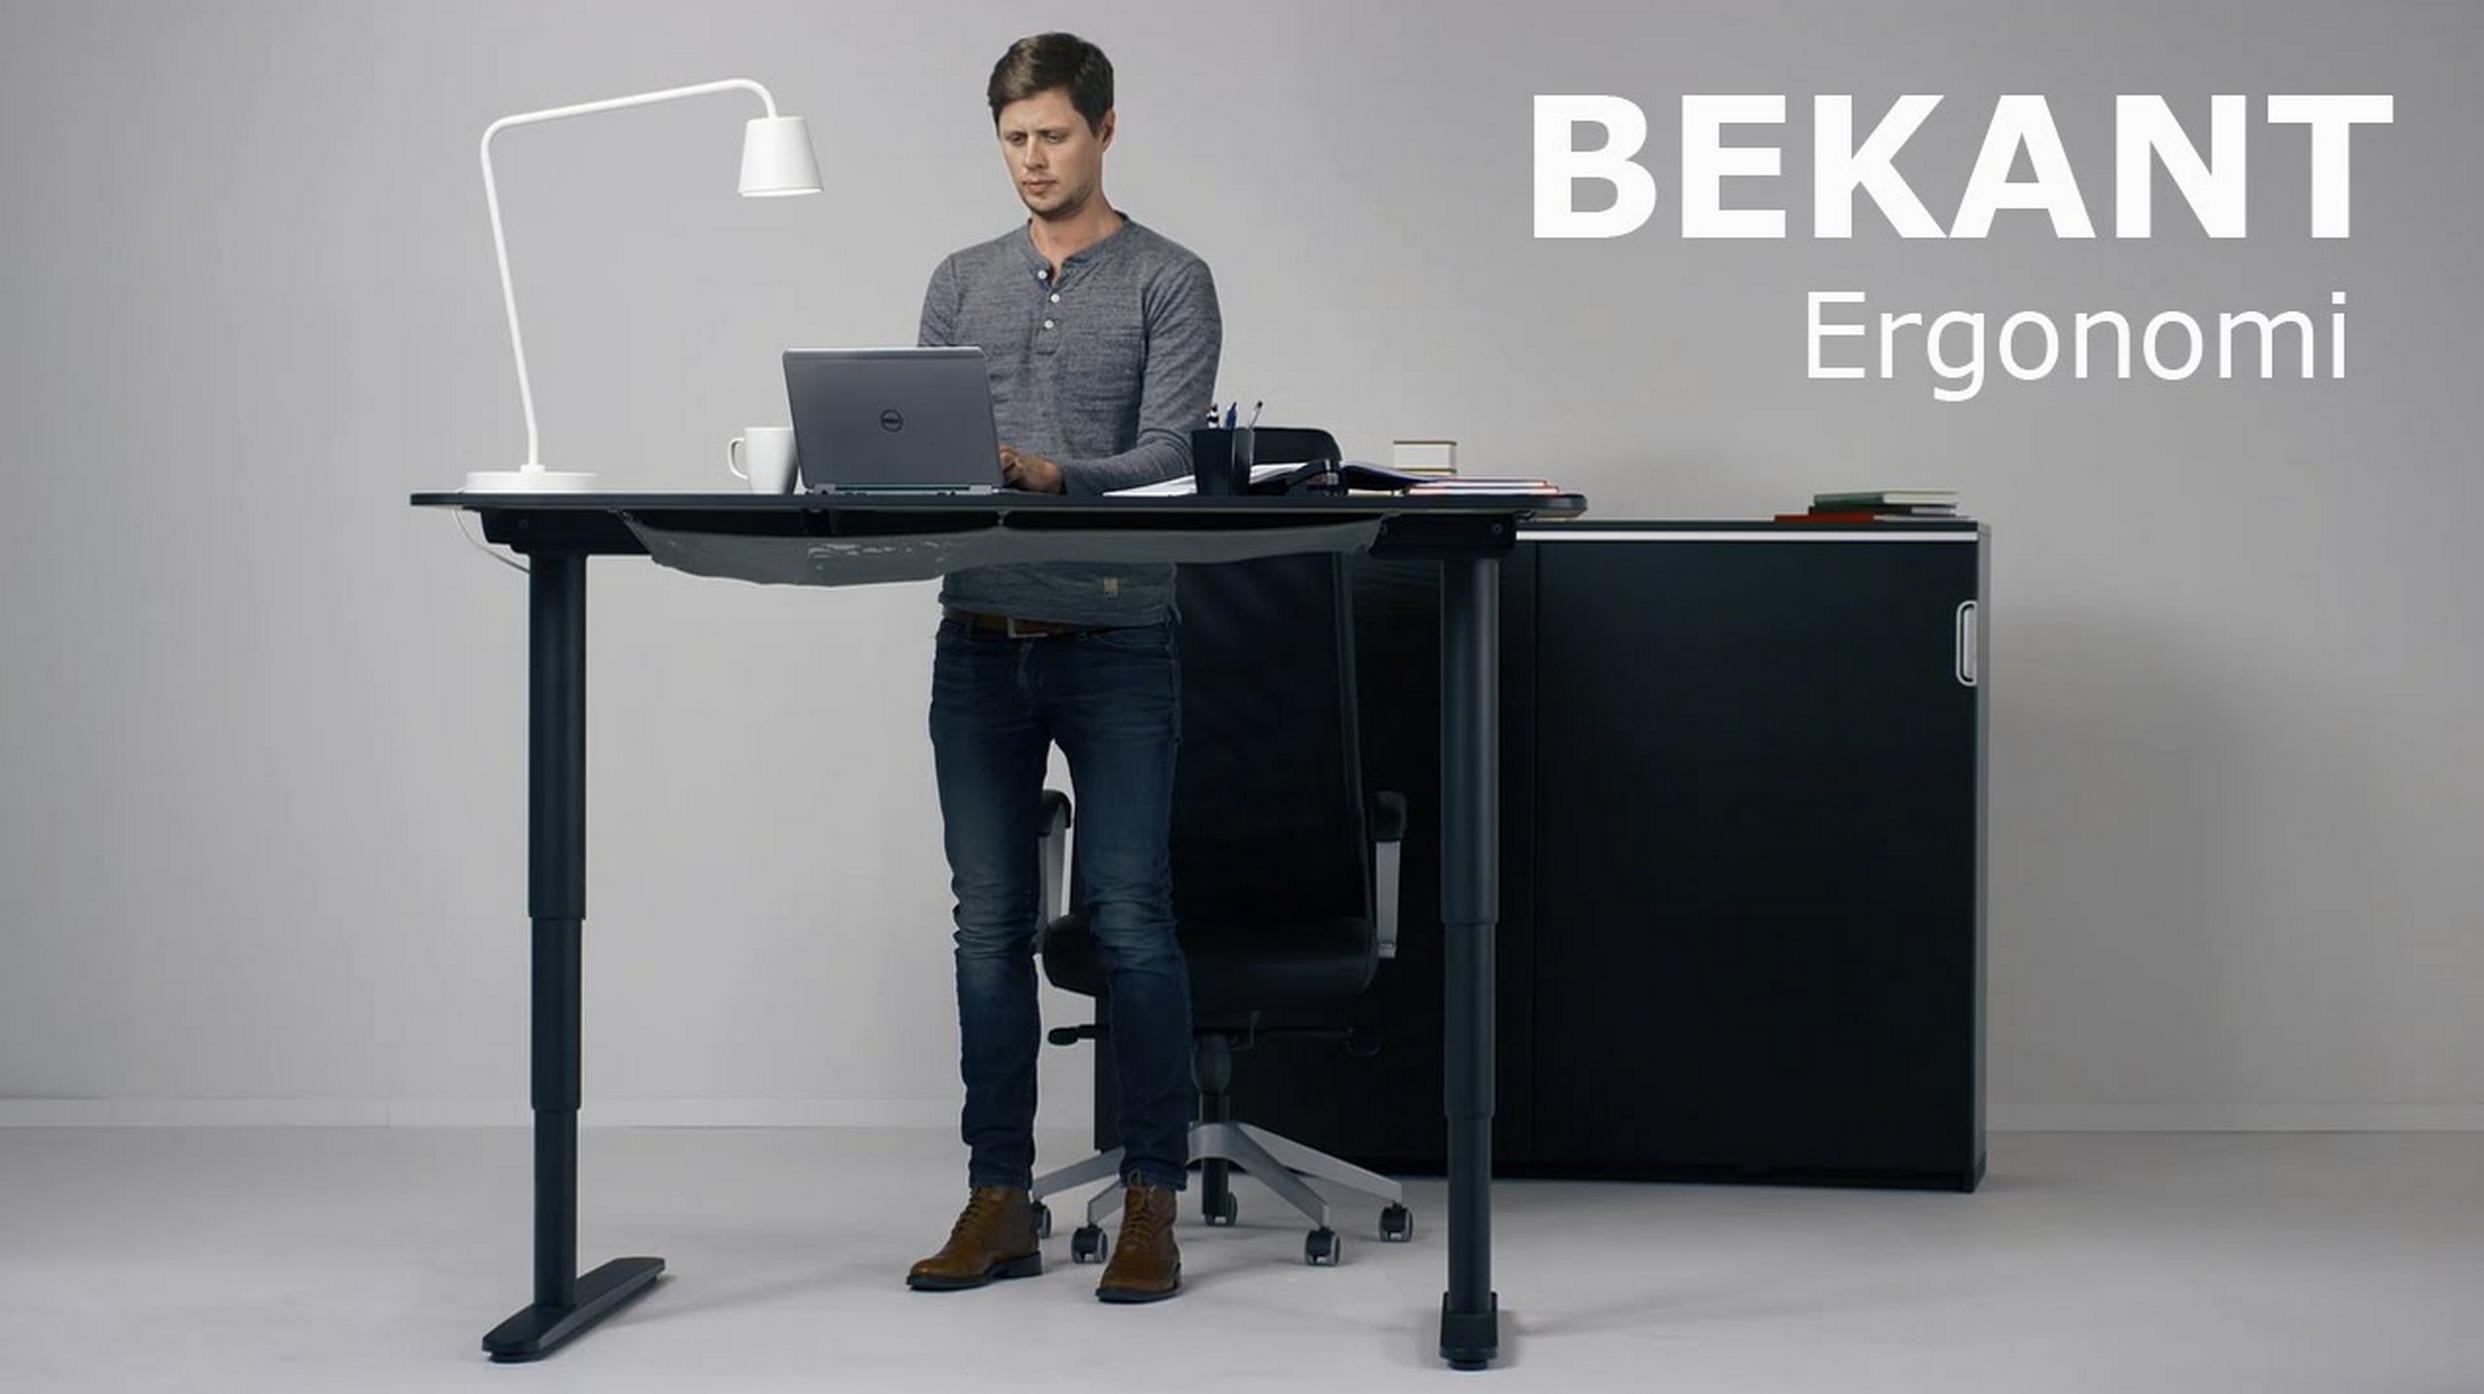 bekant est le nom de ce bureau qui se regle en hauteur permettant ainsi de travailler debout il faut dire que le principe de bosser debout et non assis